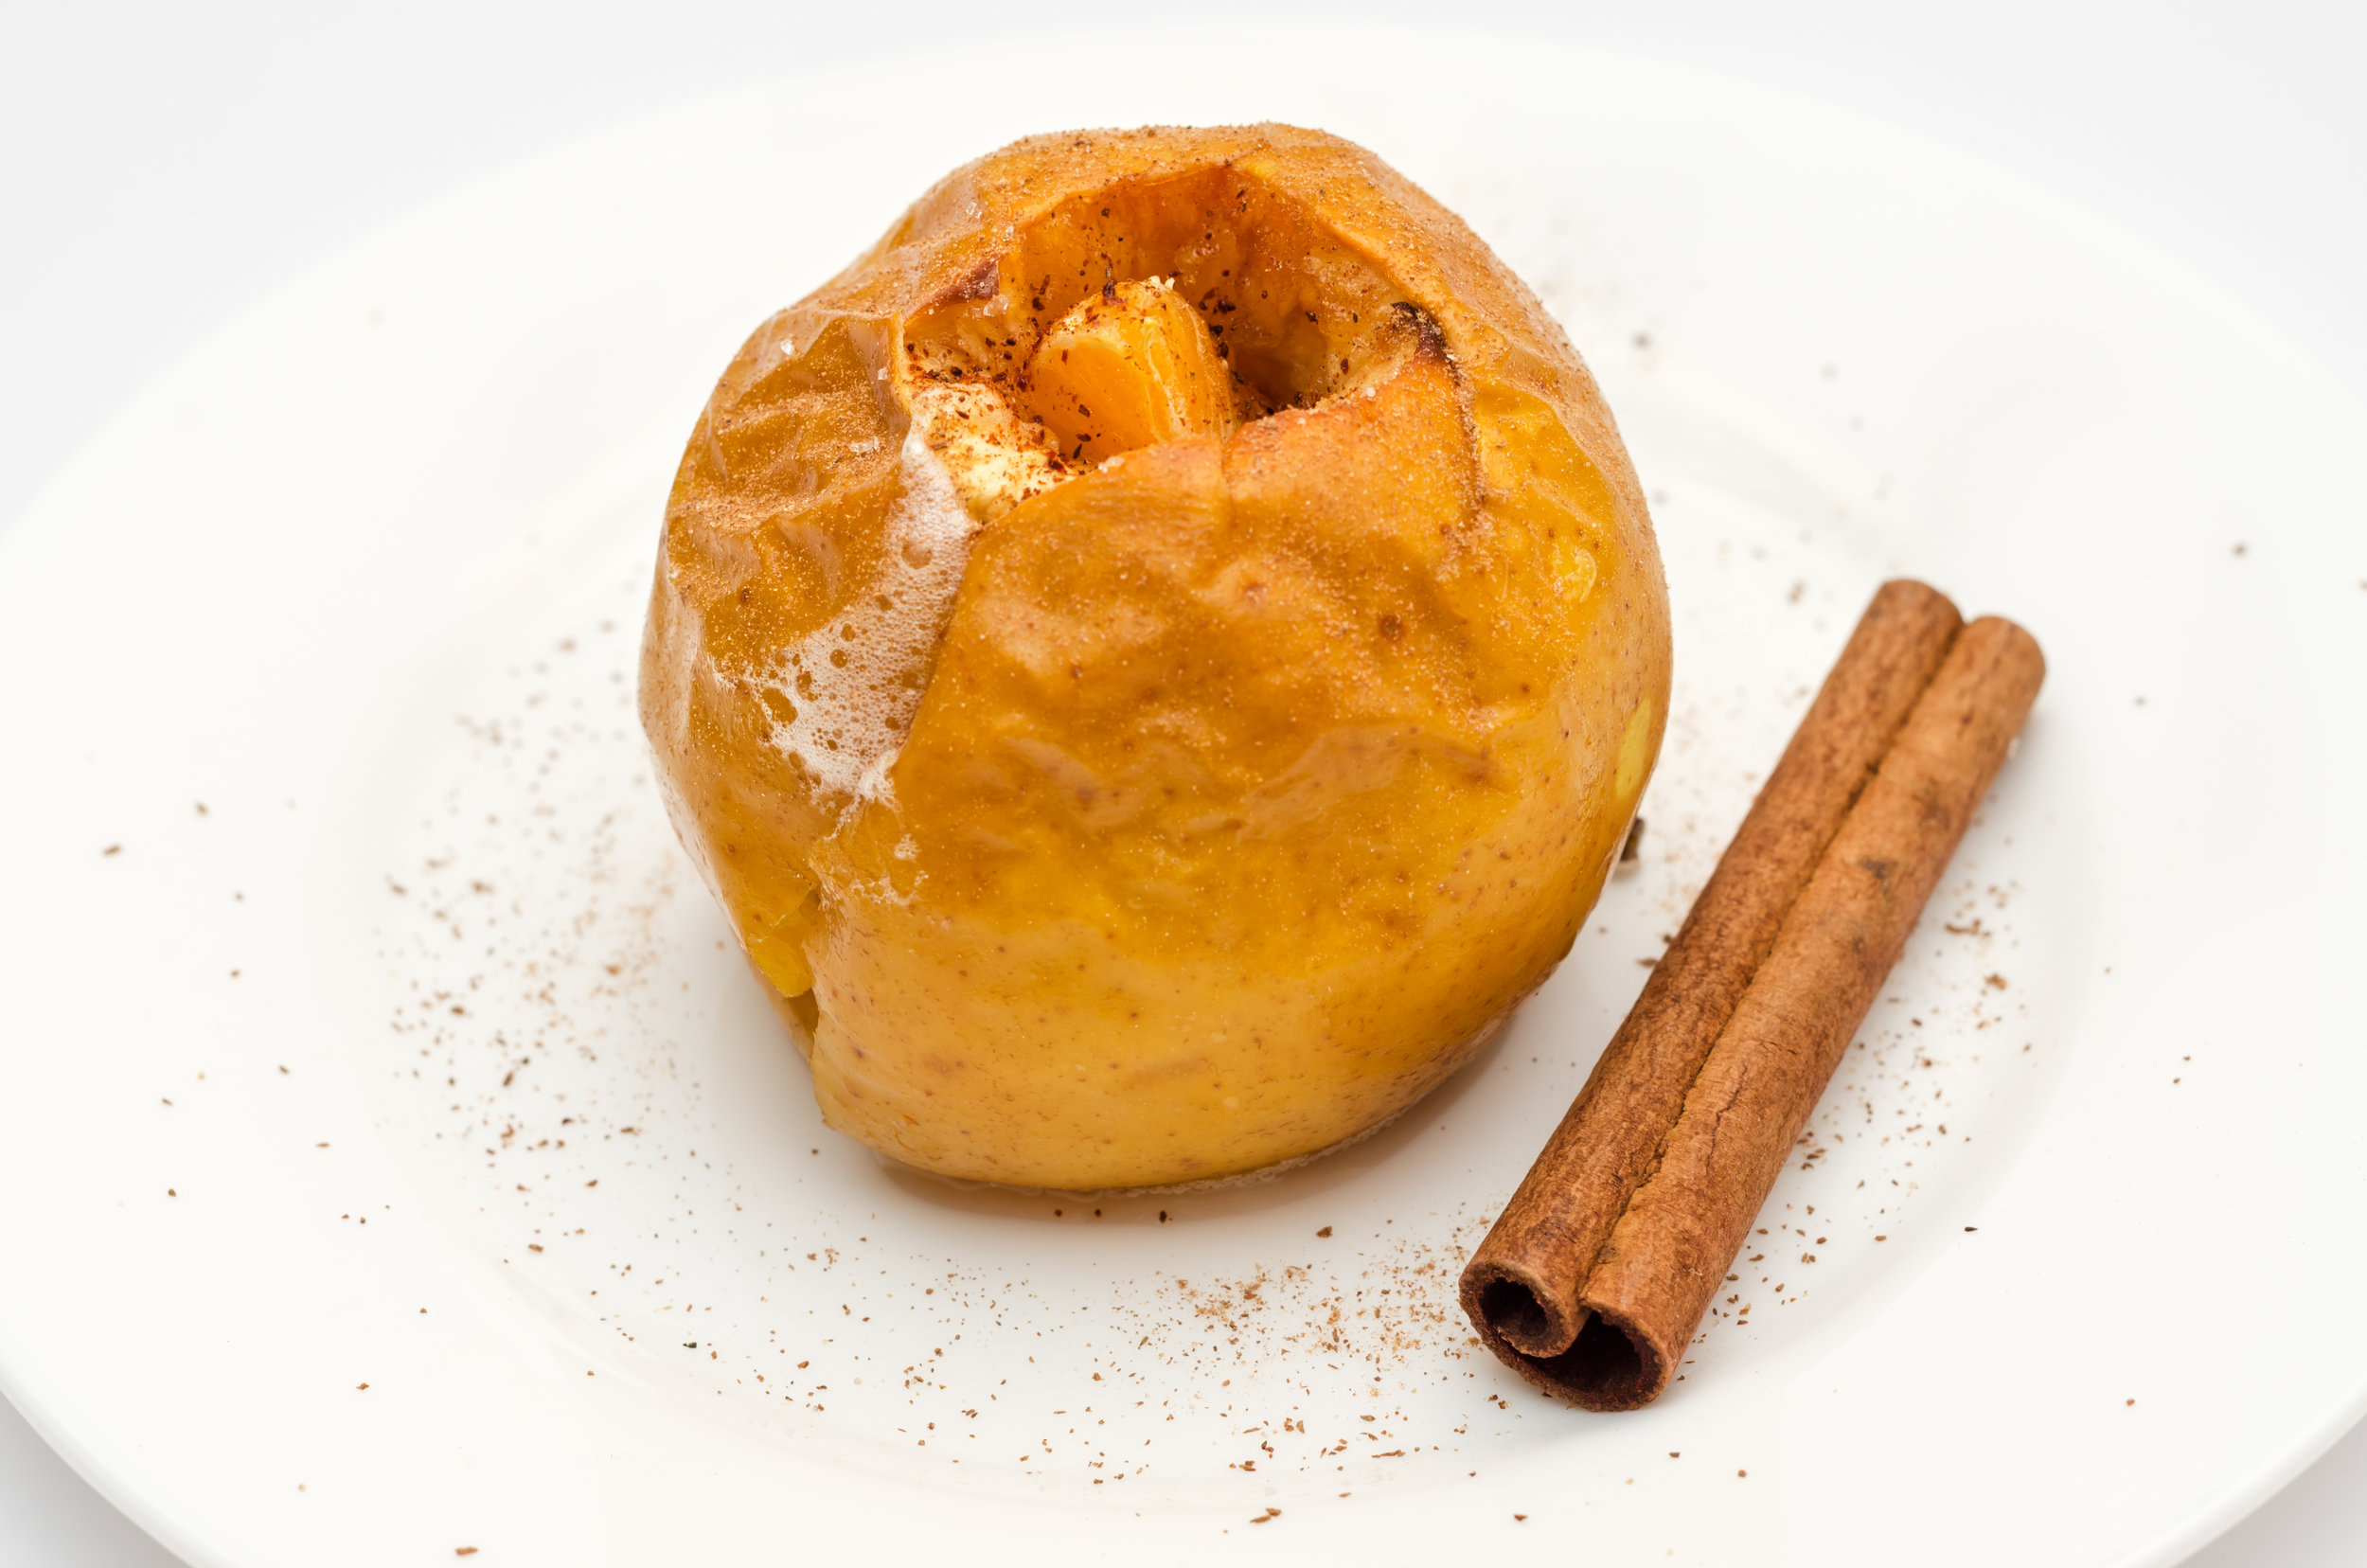 Manzana asada - caramelizada, crema de vainilla de México